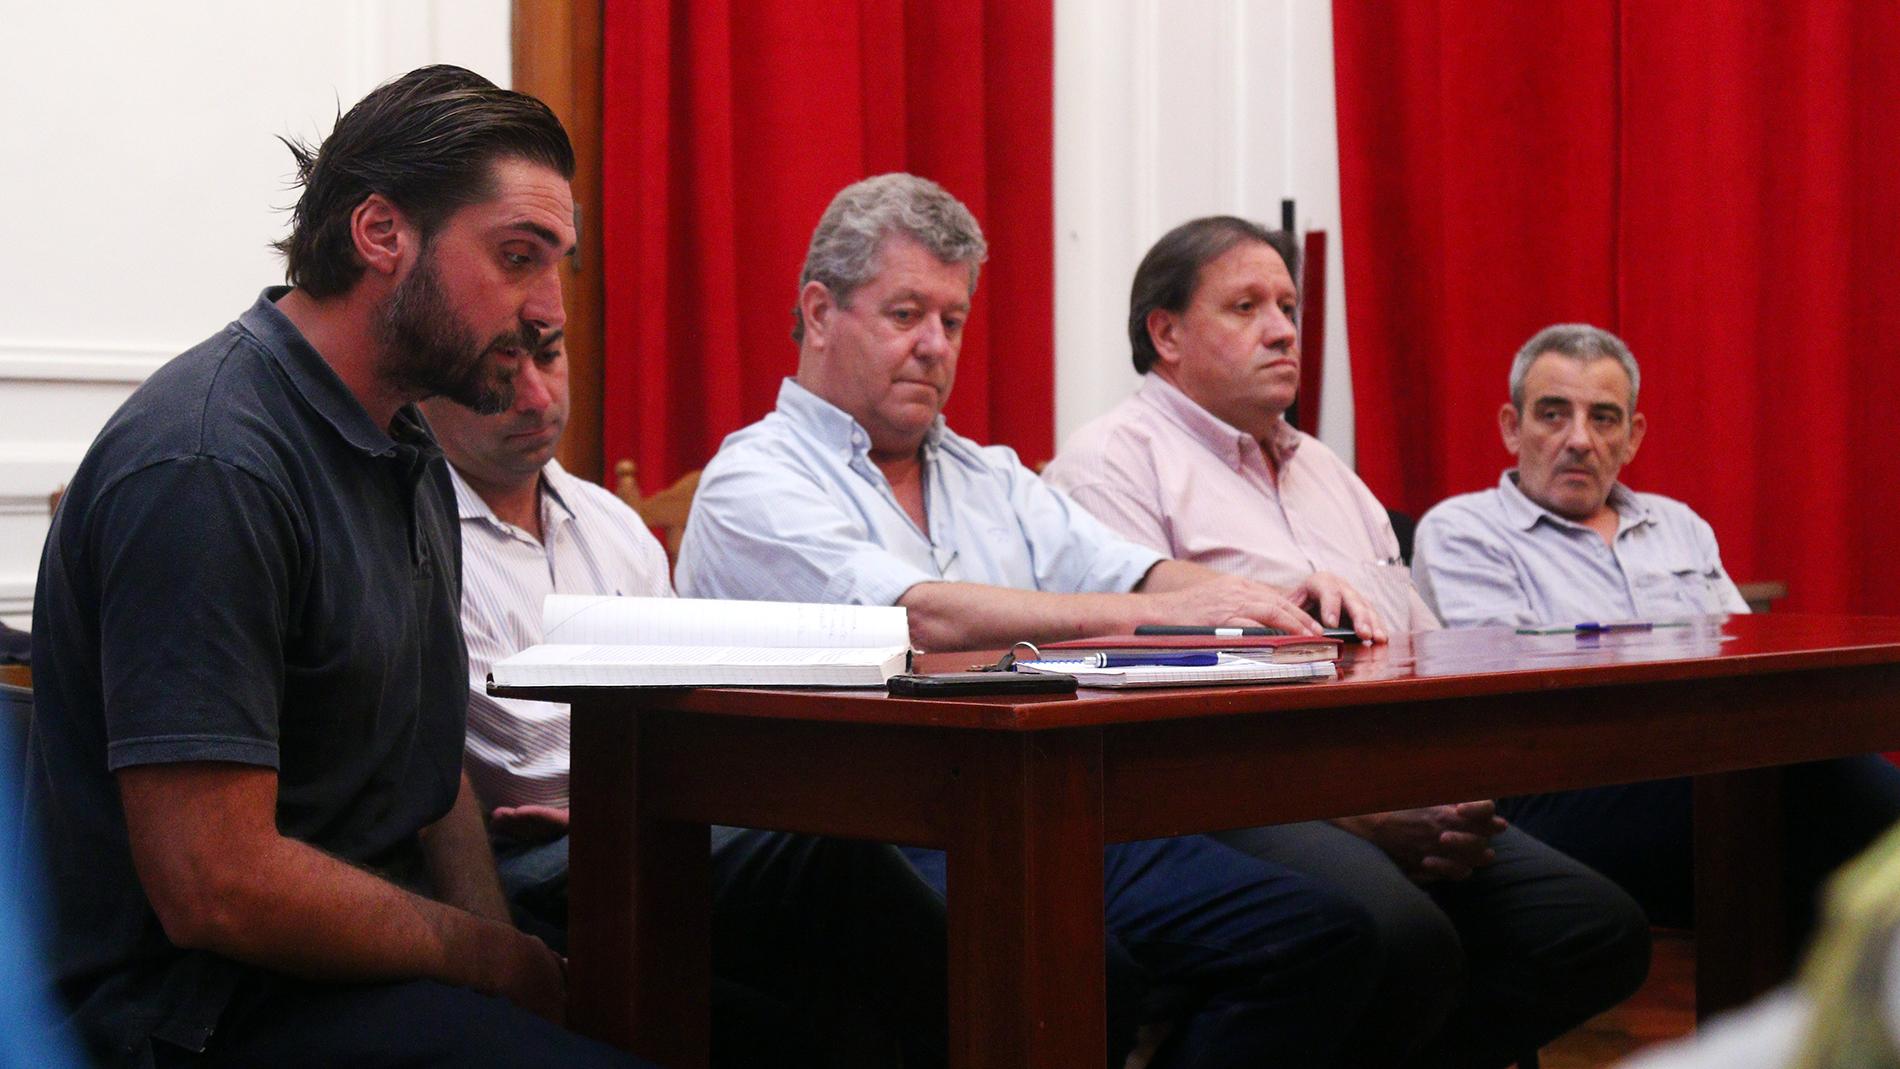 Se realizó el 2 de noviembre la reunión del Consejo Asesor Agropecuario del mes de noviembre en la Municipalidad de Pergamino. Estuvieron presentes autoridades municipales, representantes de instituciones agrarias, delegados, productores agropecuarios, el jefe de Gabinete del Partido de Pergamino Carlos Pérez, y el subsecretario de Asuntos Rurales, Aníbal Figueiras, entre otros.